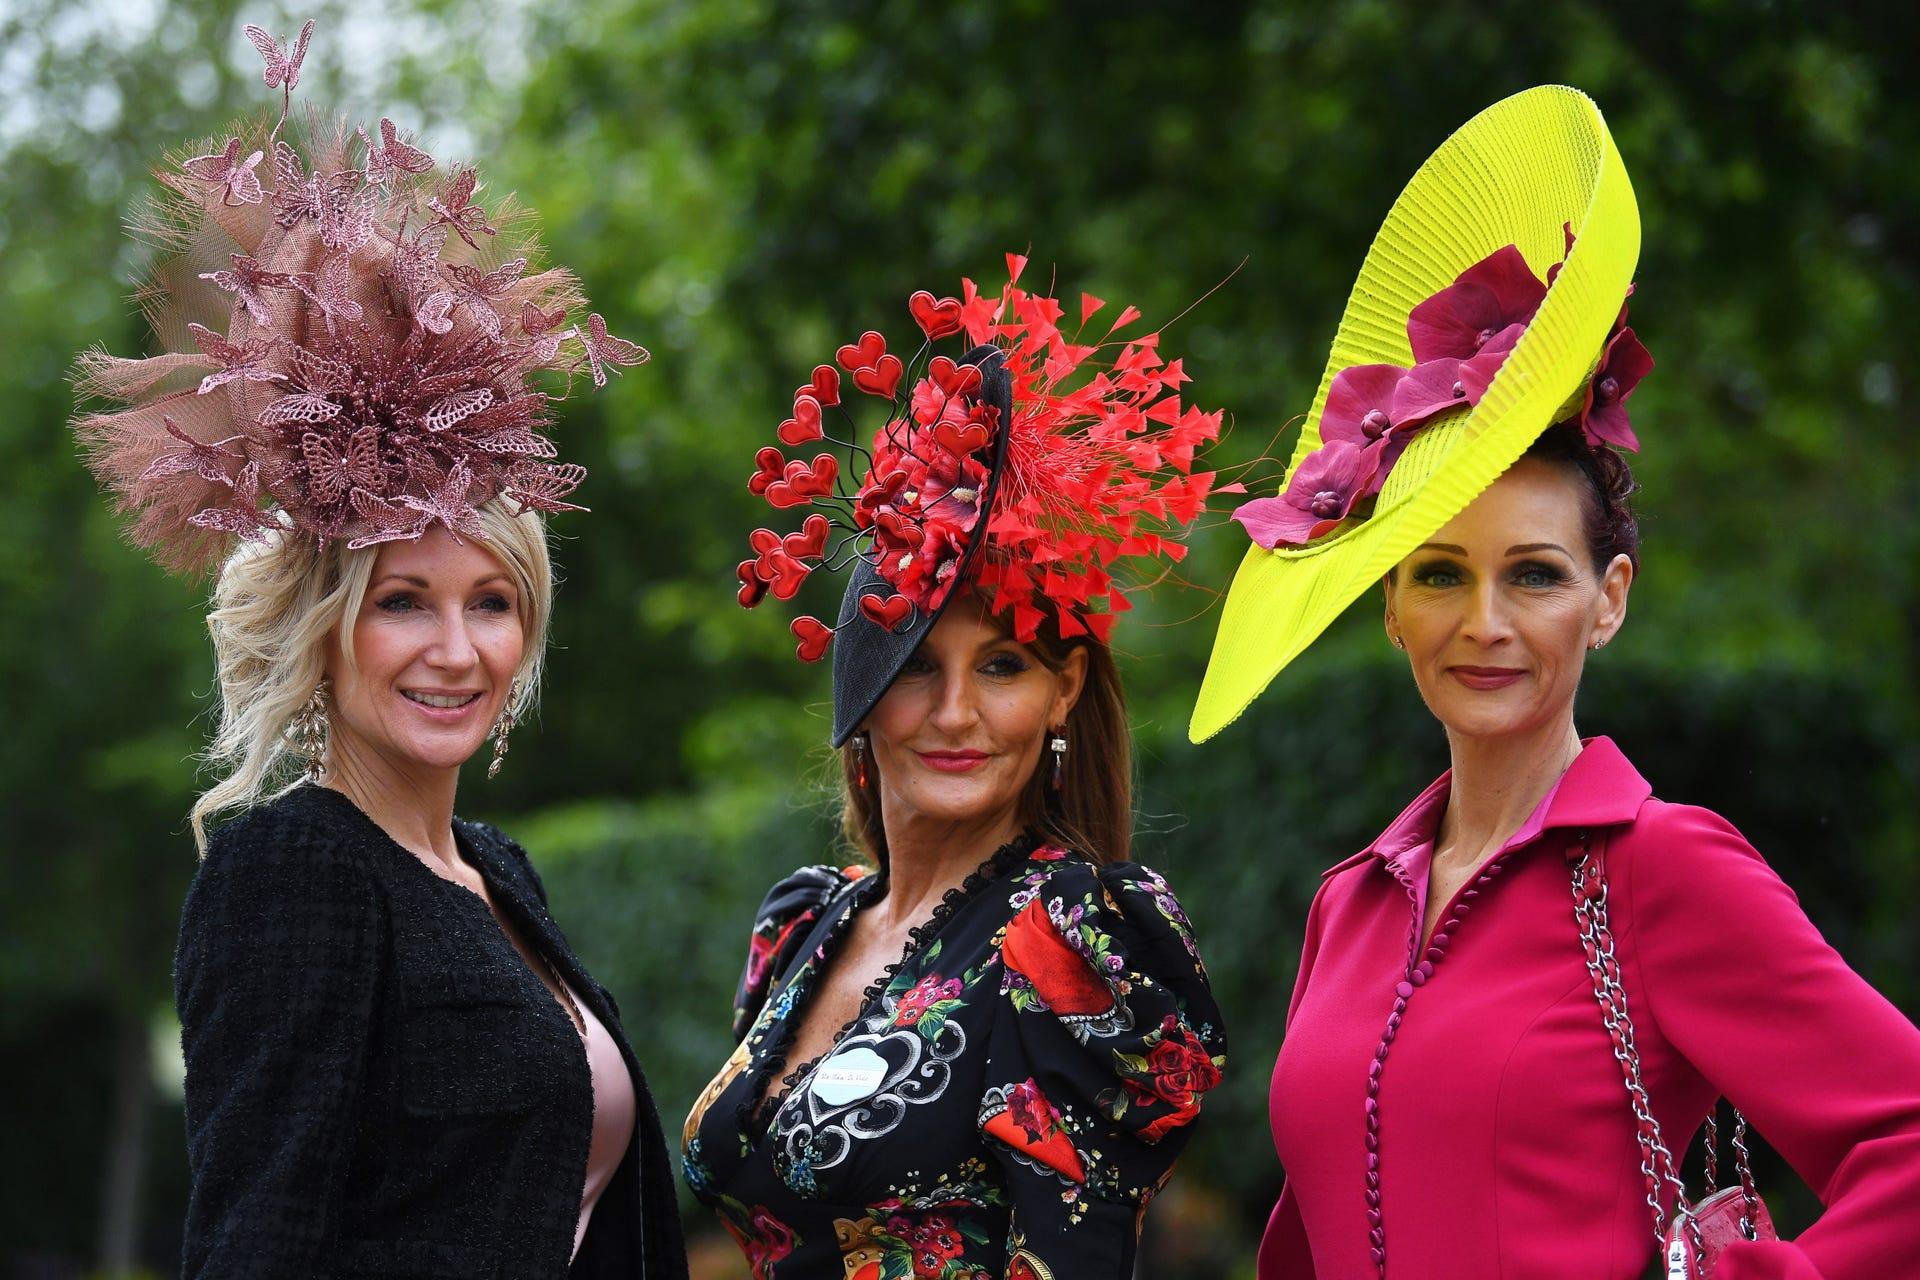 הכובעים הכי יצירתיים במירוץ הסוסים המלכותי באנגליה 2019